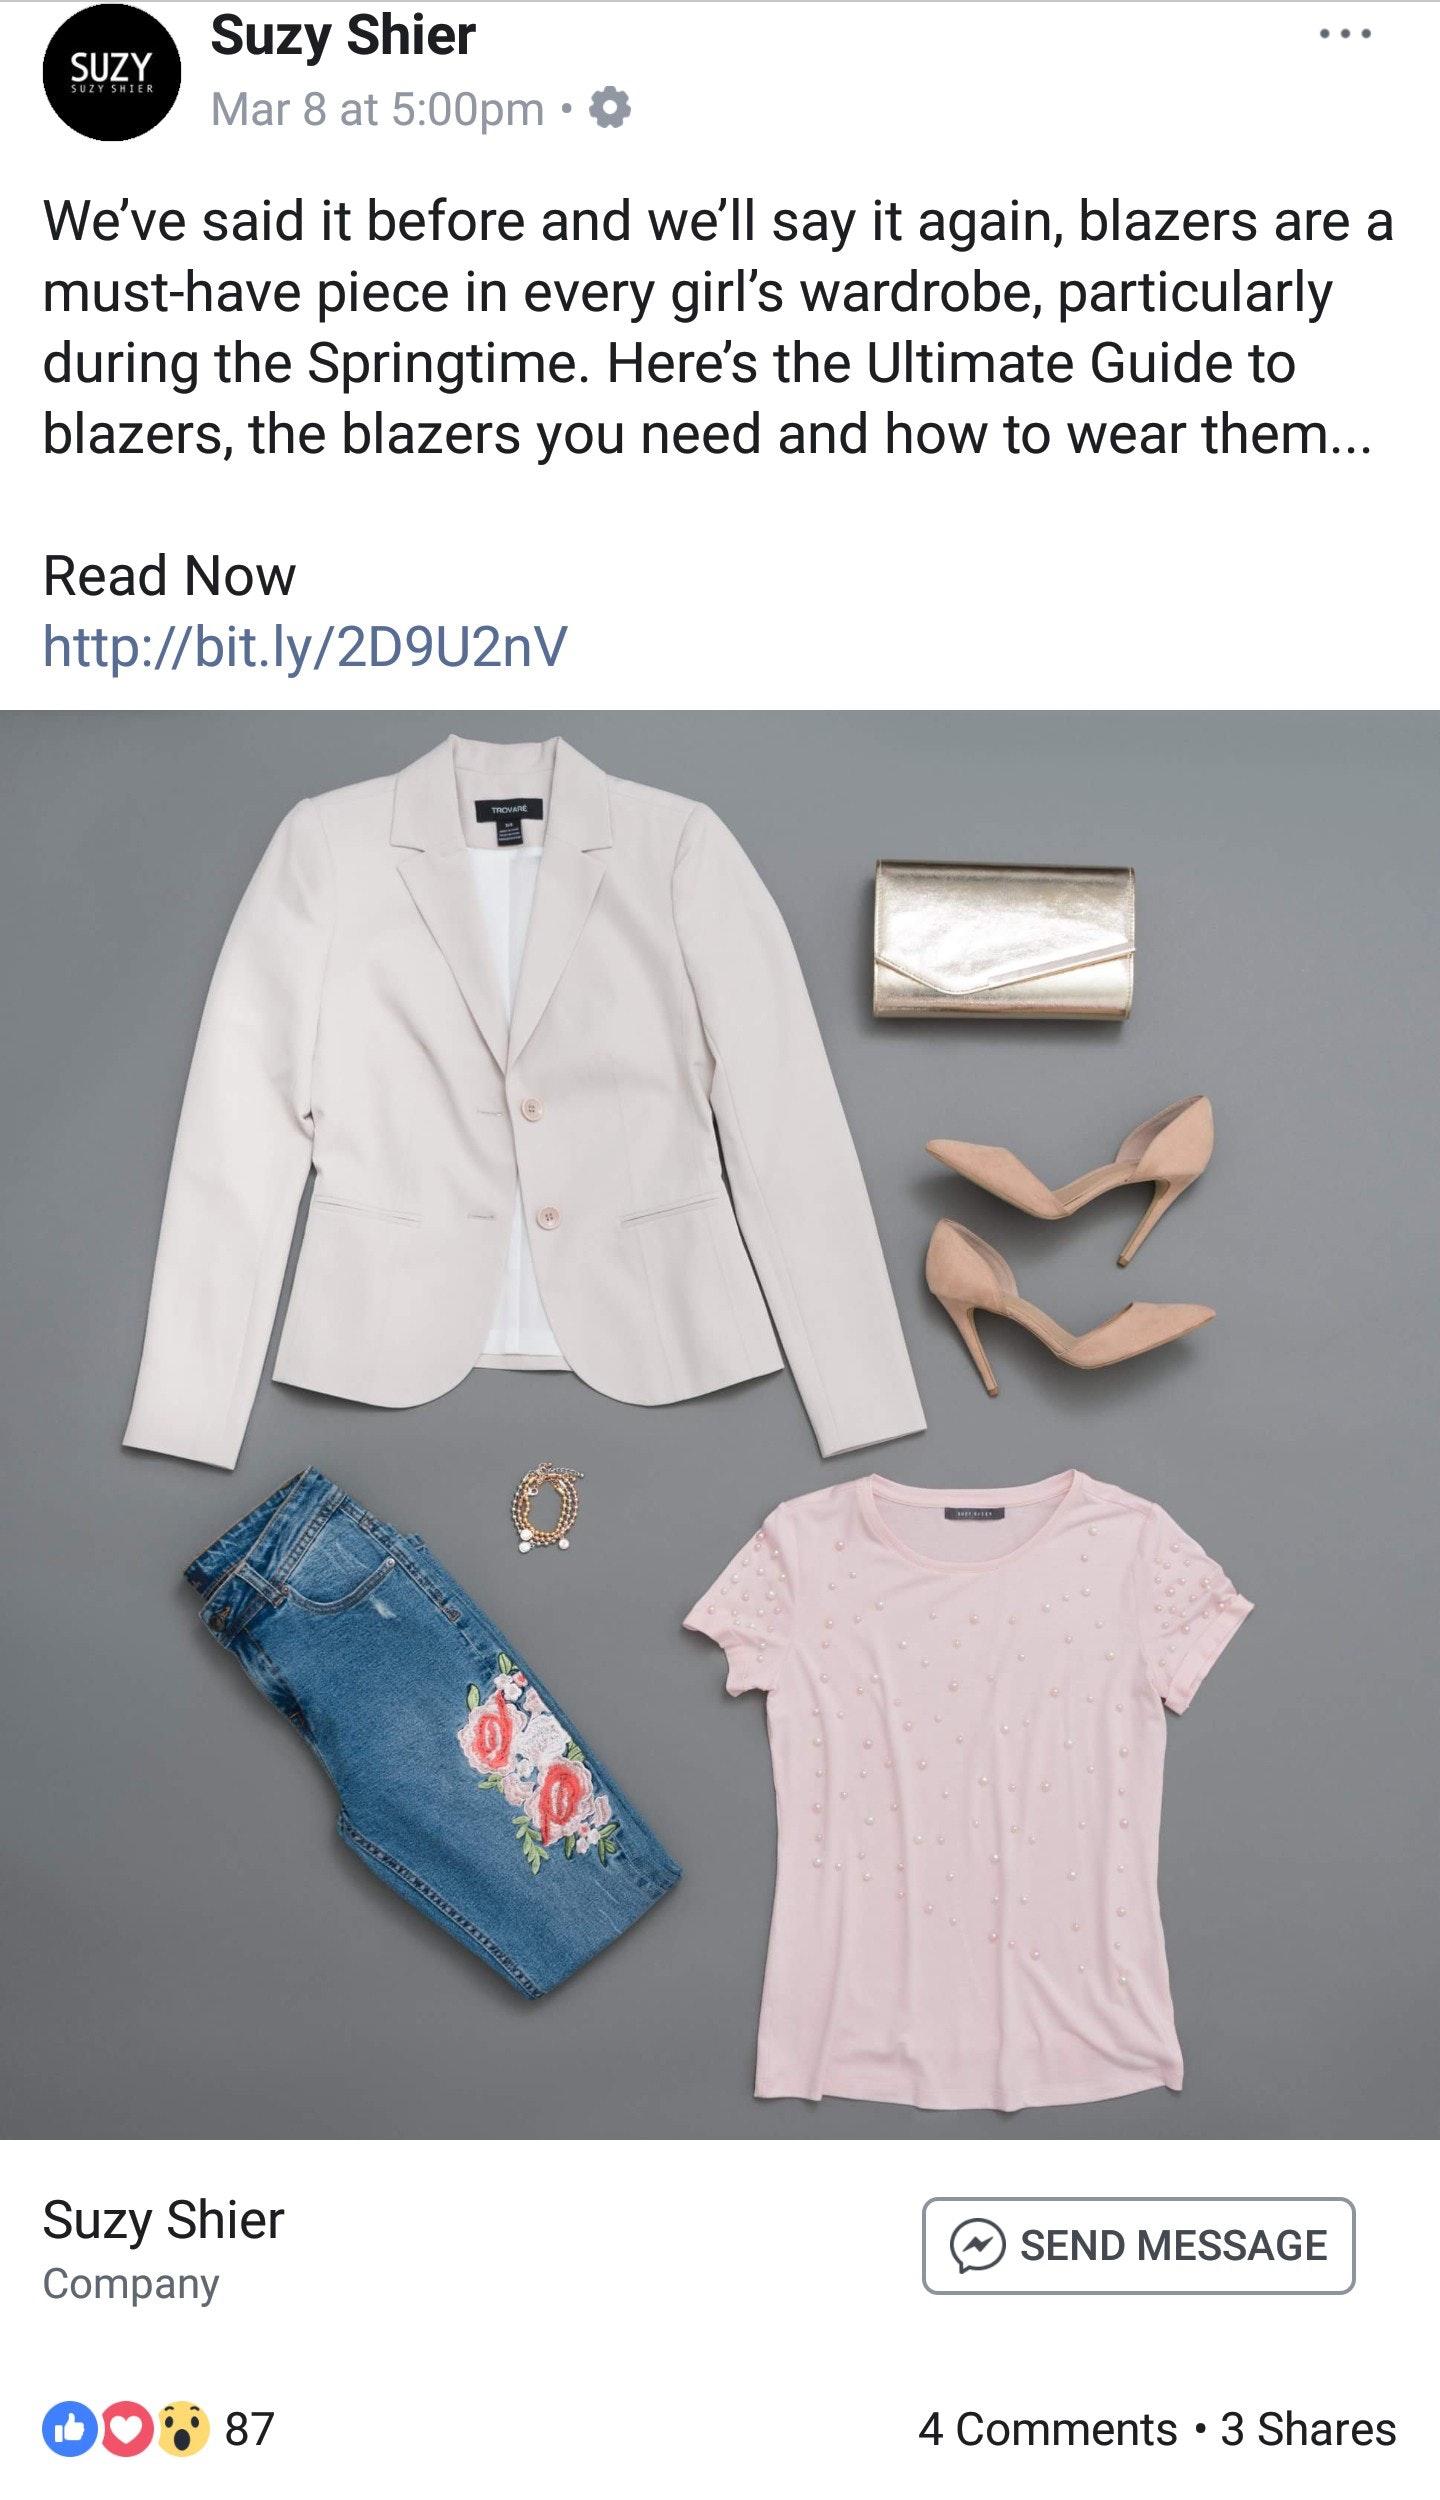 Suzy Shier - Facebook Ad Examples